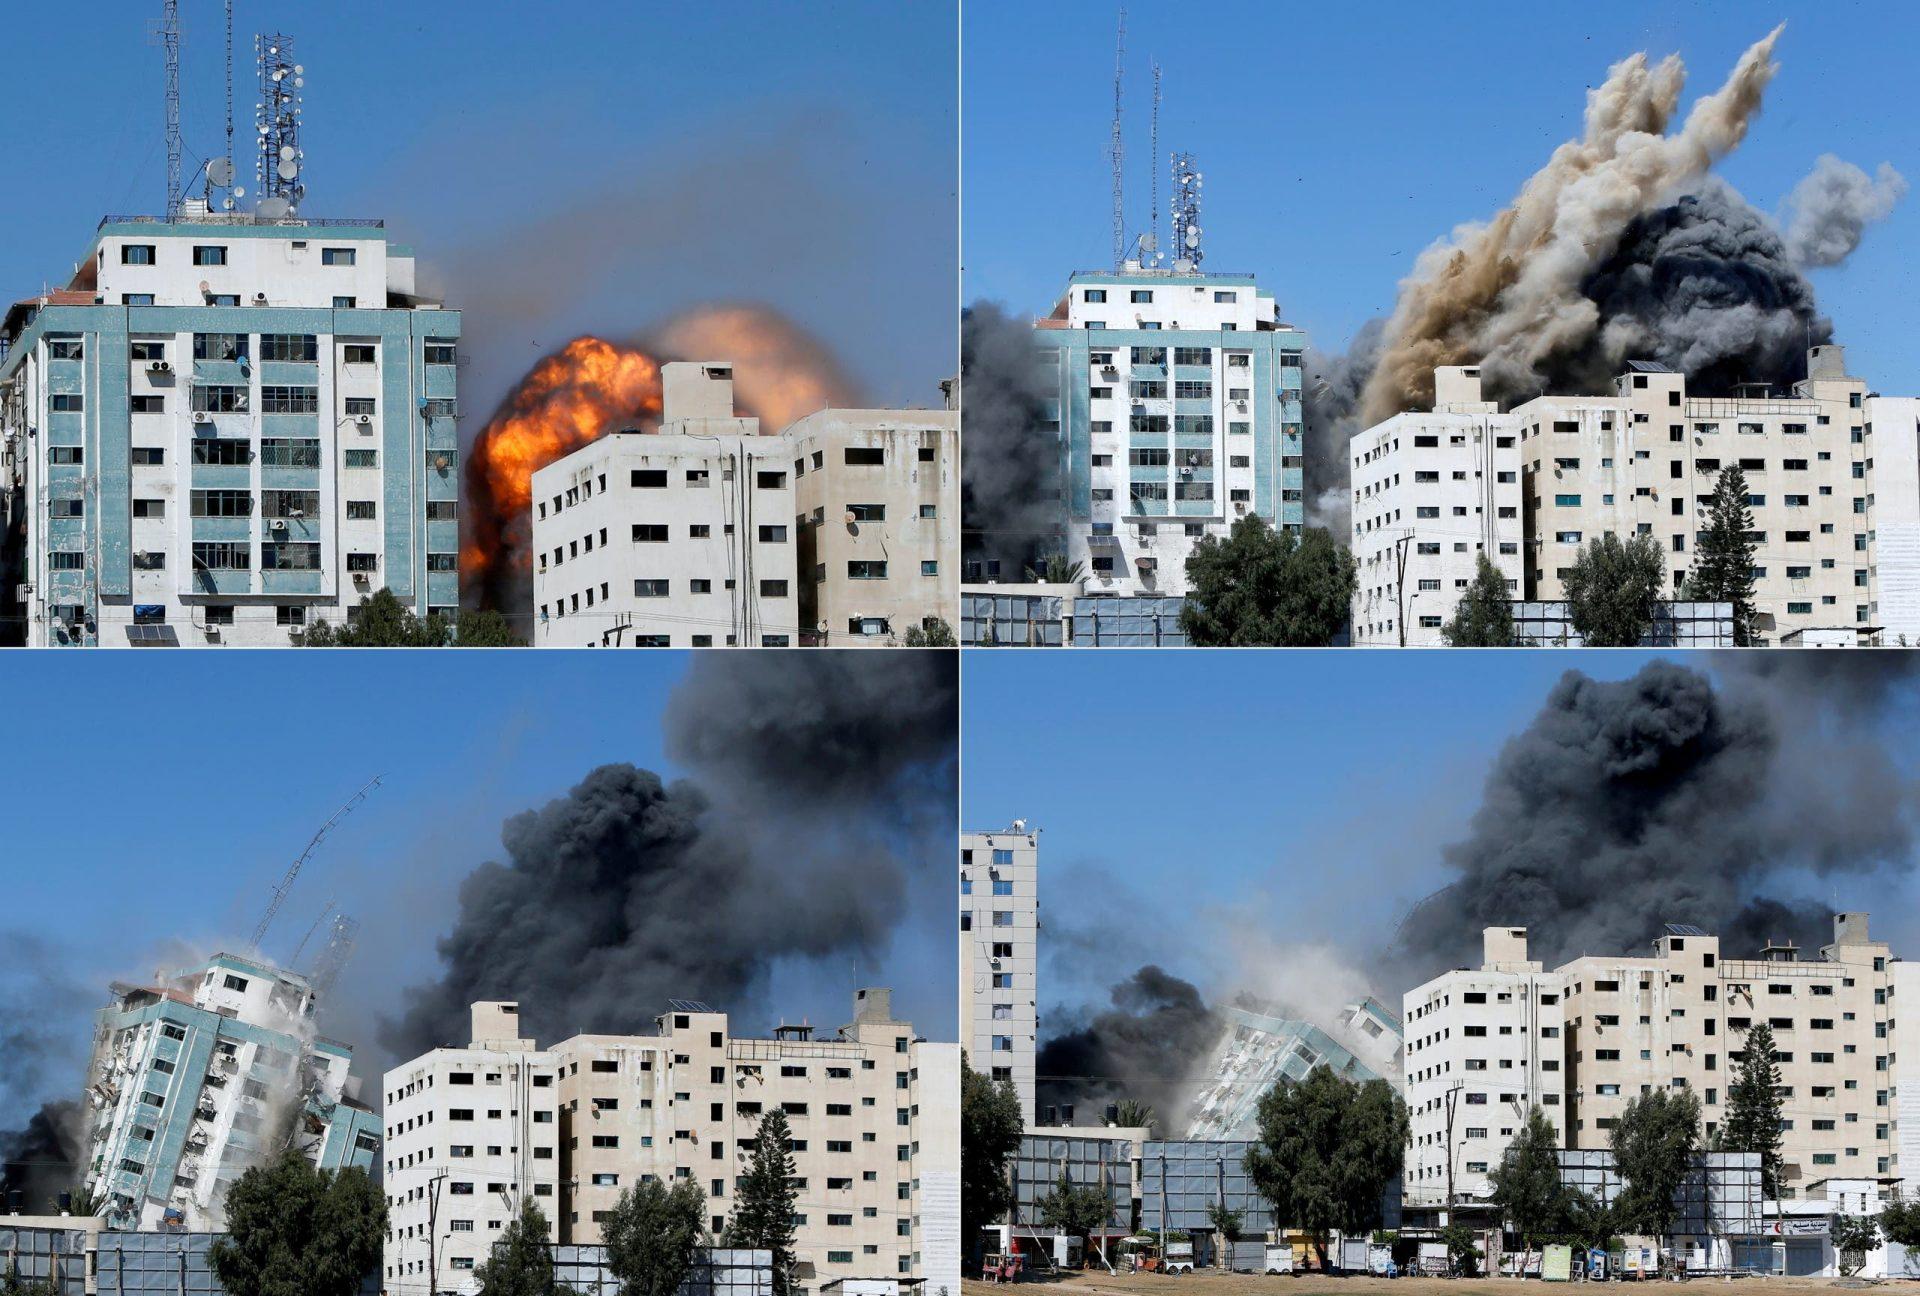 لماذا أعلن مسؤولون إسرائيليون كبار ندمهم على قصف برج الجلاء الذي كان يضم مقر الجزيرة؟